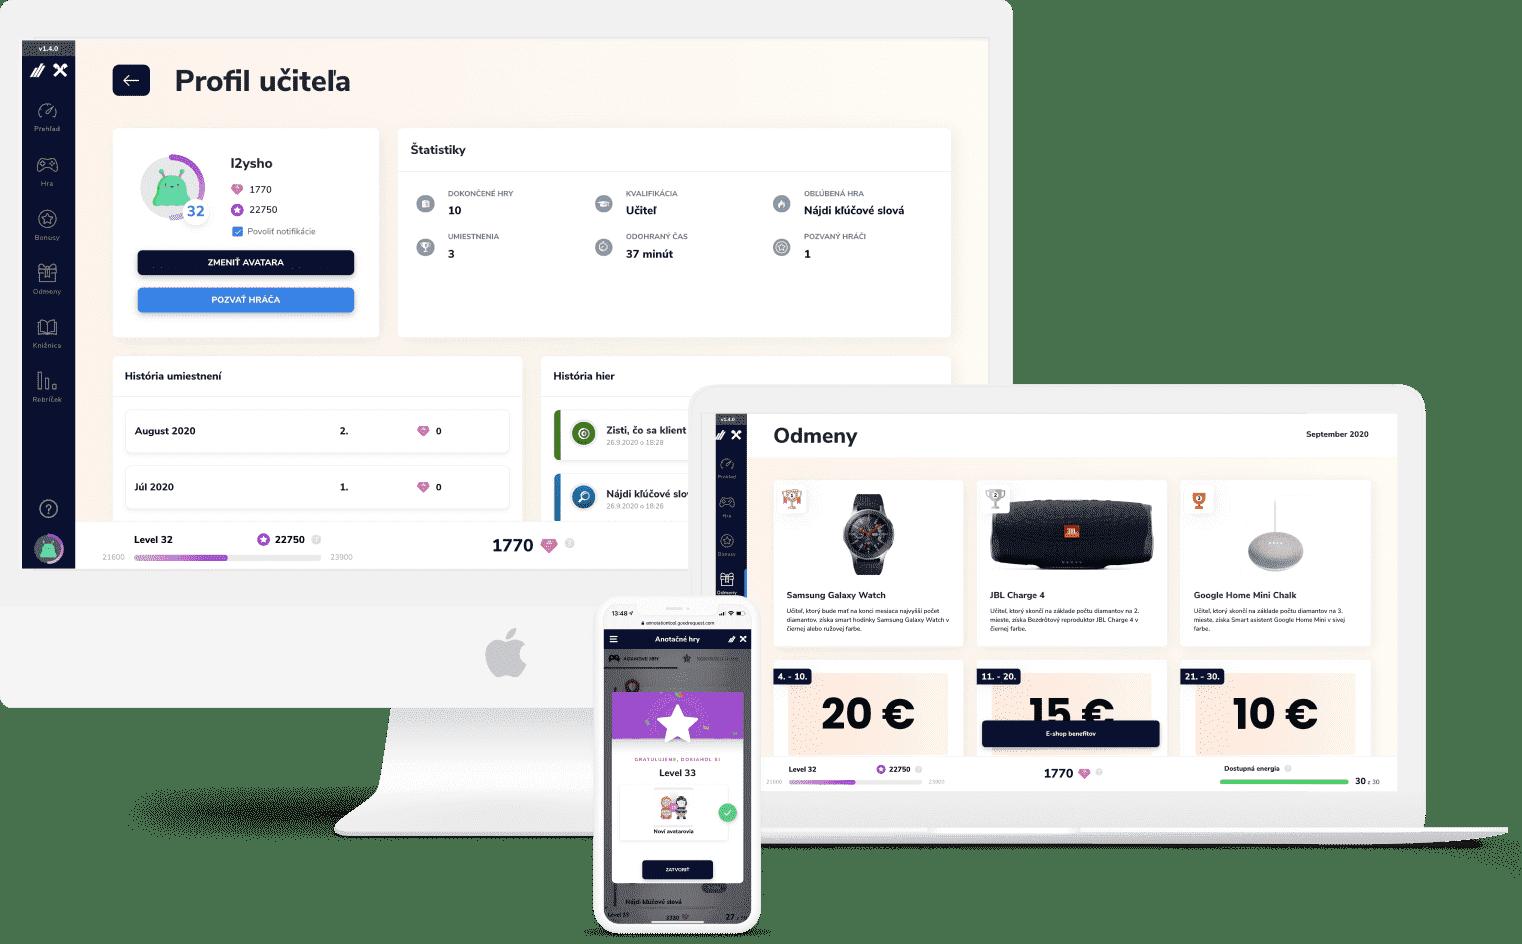 tvorba a vyvoj multiplatformovej annotacnej platformy vo forme aplikacie